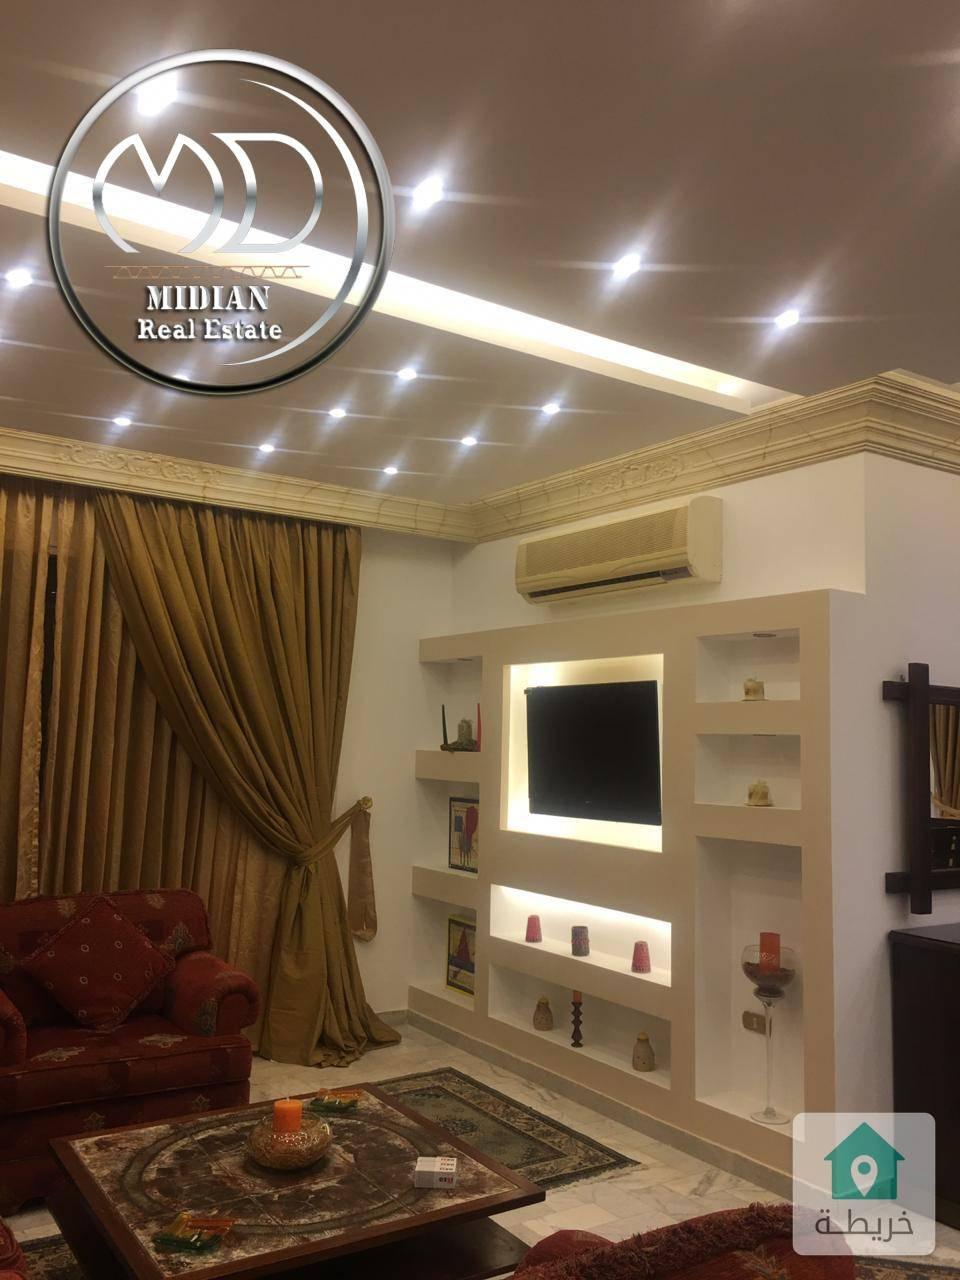 شقة طابقية ارضية مفروشة للايجار ام السماق مساحة 225م مع حديقة 150م تشطيب سوبر ديلوكس